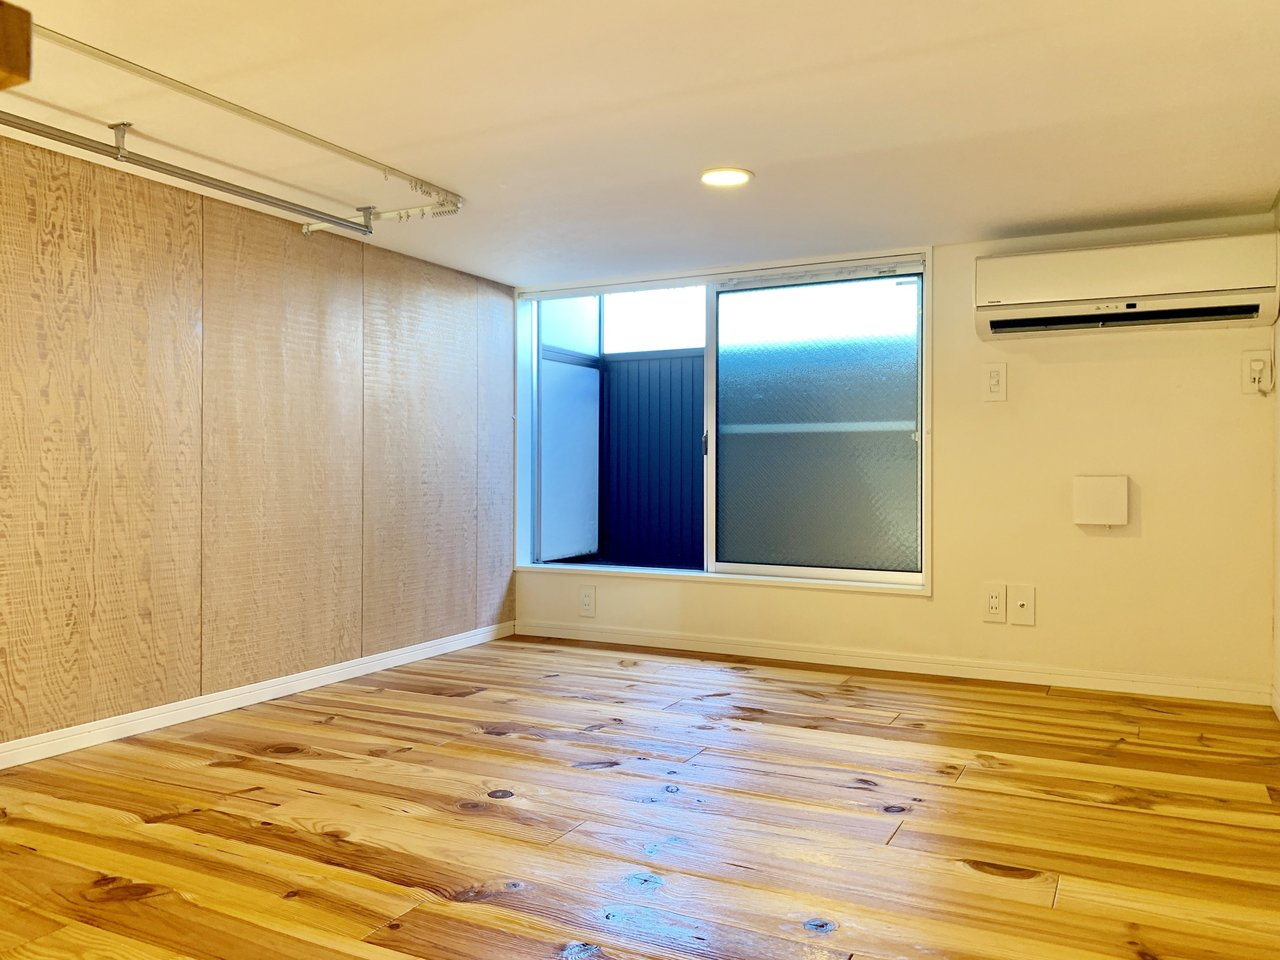 ロフトへはハシゴで上がるイメージが強いですが、こちらのお部屋は階段で上がります。窓、照明、コンセント、エアコンが付いていて、ロフトと言うよりお部屋と言ったほうが、しっくりくる印象です。アロマを焚いたり、小さな観葉植物を置いたりして、自分だけのリラックス空間を作りましょう。